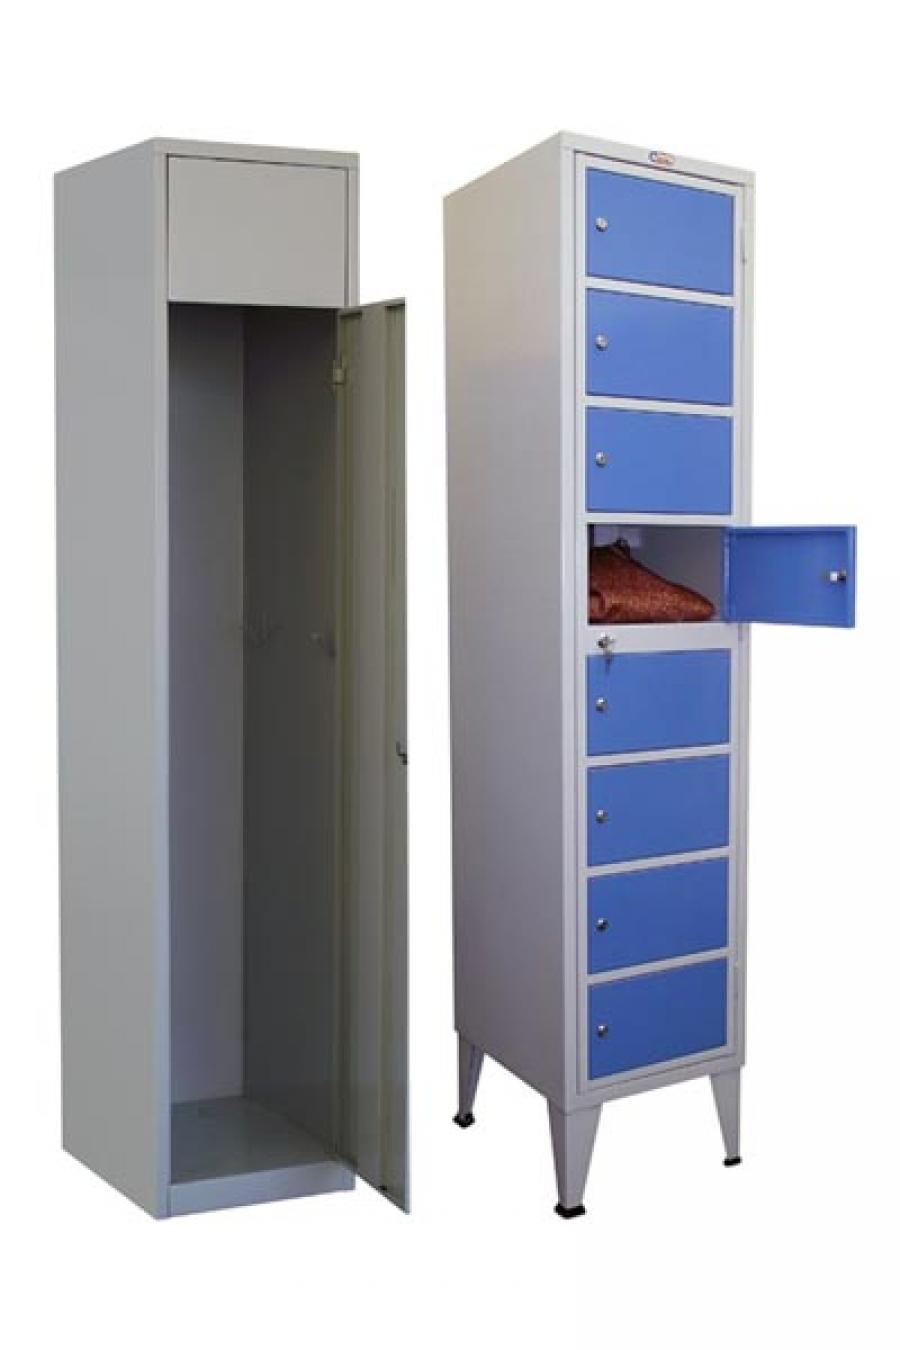 Armario para garaje armario para garaje with armario para - Armario para garaje ...